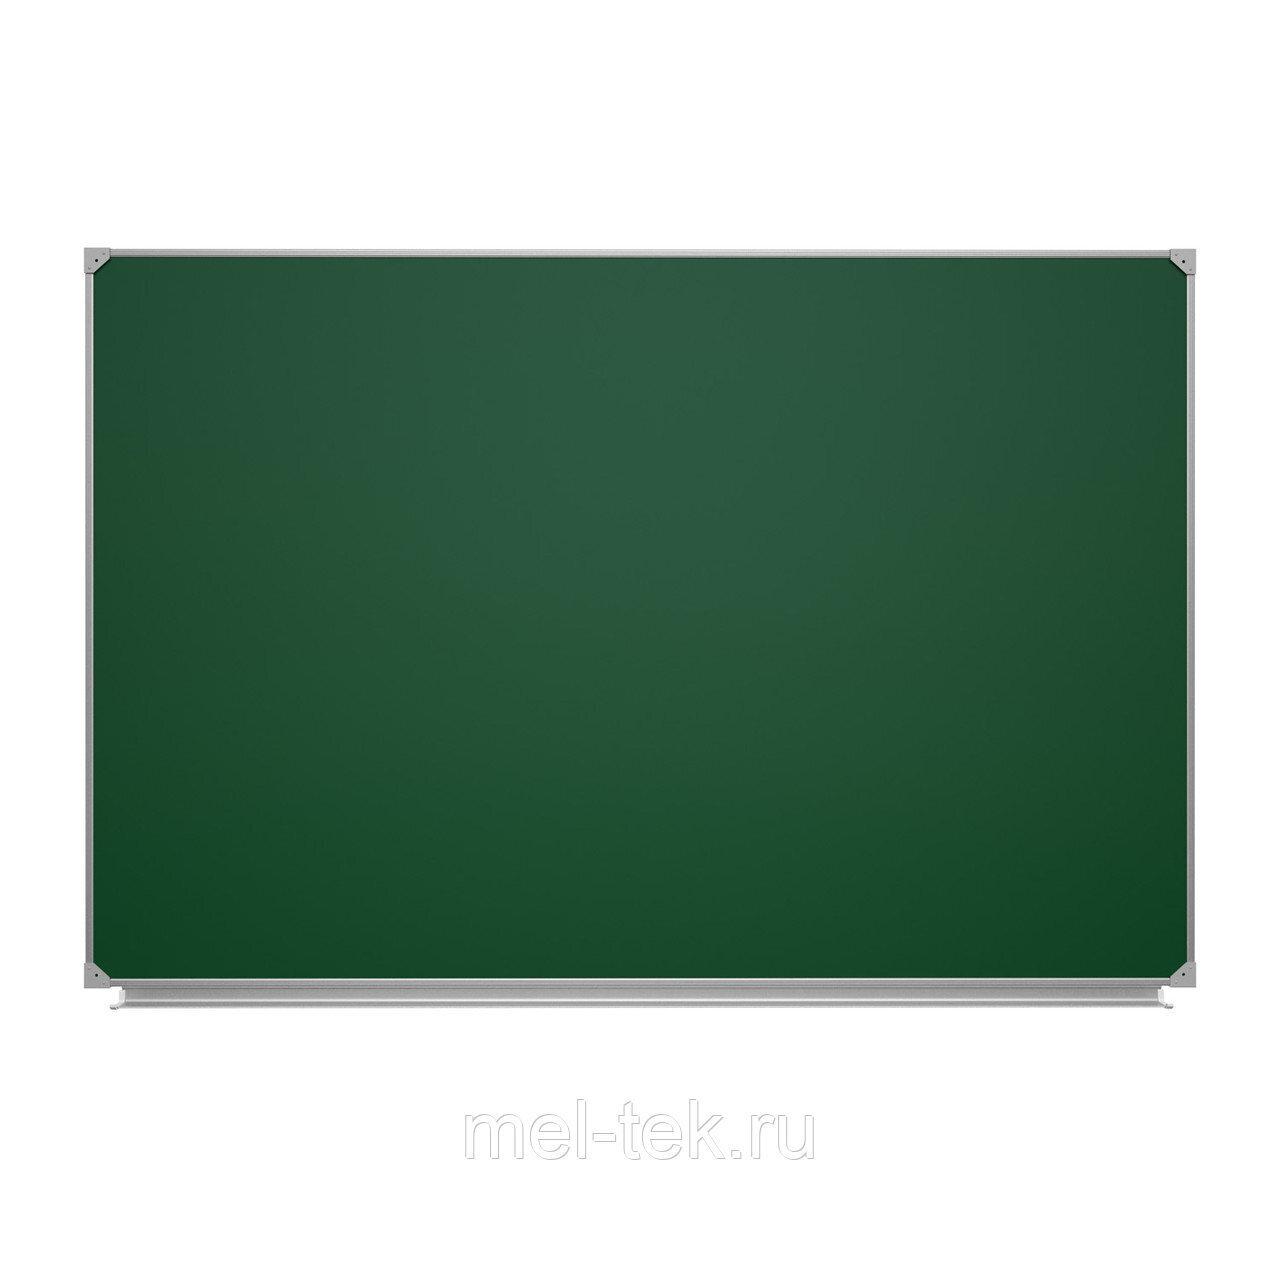 Доска магнитно-меловая 1эл   90 х 60 см